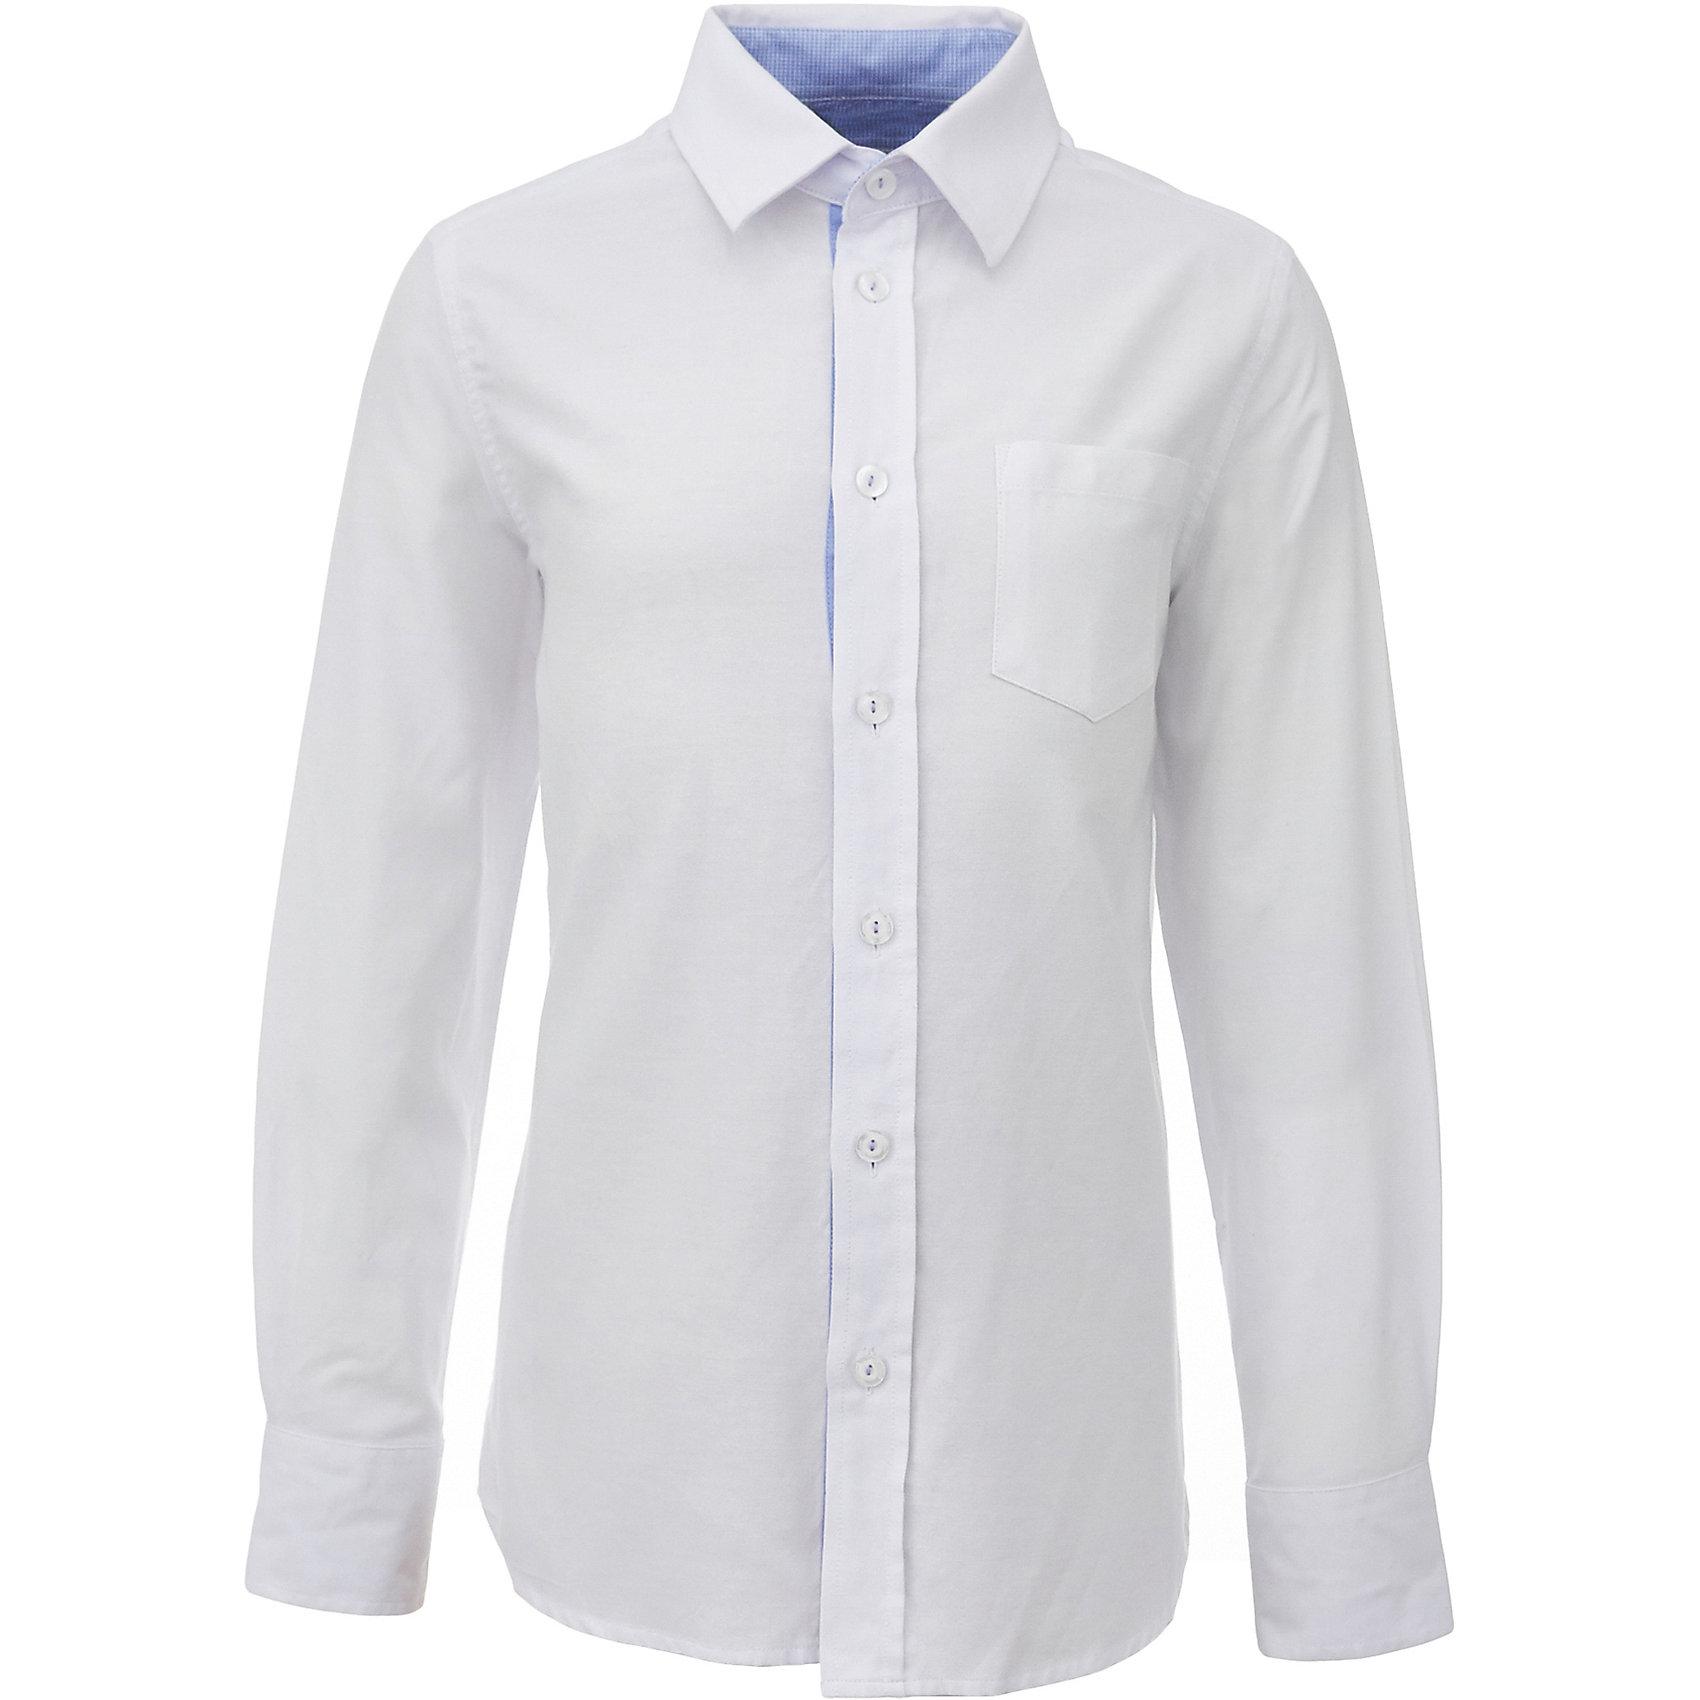 Рубашка для мальчика GulliverБлузки и рубашки<br>Характеристики товара:<br><br>• цвет: белый<br>• состав: 80% хлопок, 20% полиэстер <br>• сезон: круглый год<br>• с длинным рукавом<br>• налокотники<br>• воротник-стойка<br>• застежки: пуговицы<br>• манжеты на трех пуговицах<br>• особенности: школьная, повседневная<br>• страна бренда: Российская Федерация<br>• страна производства: Российская Федерация<br><br>Школьная рубашка с длинным рукавом для мальчика. Белая рубашка застегивается на пуговицы, манжеты рукавов на трех пуговицах. У рубашки контрастная внутренняя планка и стойка, налокотники и фирменная вышивка на манжете. На груди накладной карман.<br><br>Рубашку для мальчика Gulliver (Гулливер) можно купить в нашем интернет-магазине.<br><br>Ширина мм: 174<br>Глубина мм: 10<br>Высота мм: 169<br>Вес г: 157<br>Цвет: белый<br>Возраст от месяцев: 168<br>Возраст до месяцев: 180<br>Пол: Мужской<br>Возраст: Детский<br>Размер: 170,122,128,134,140,146,152,158,164<br>SKU: 6678386